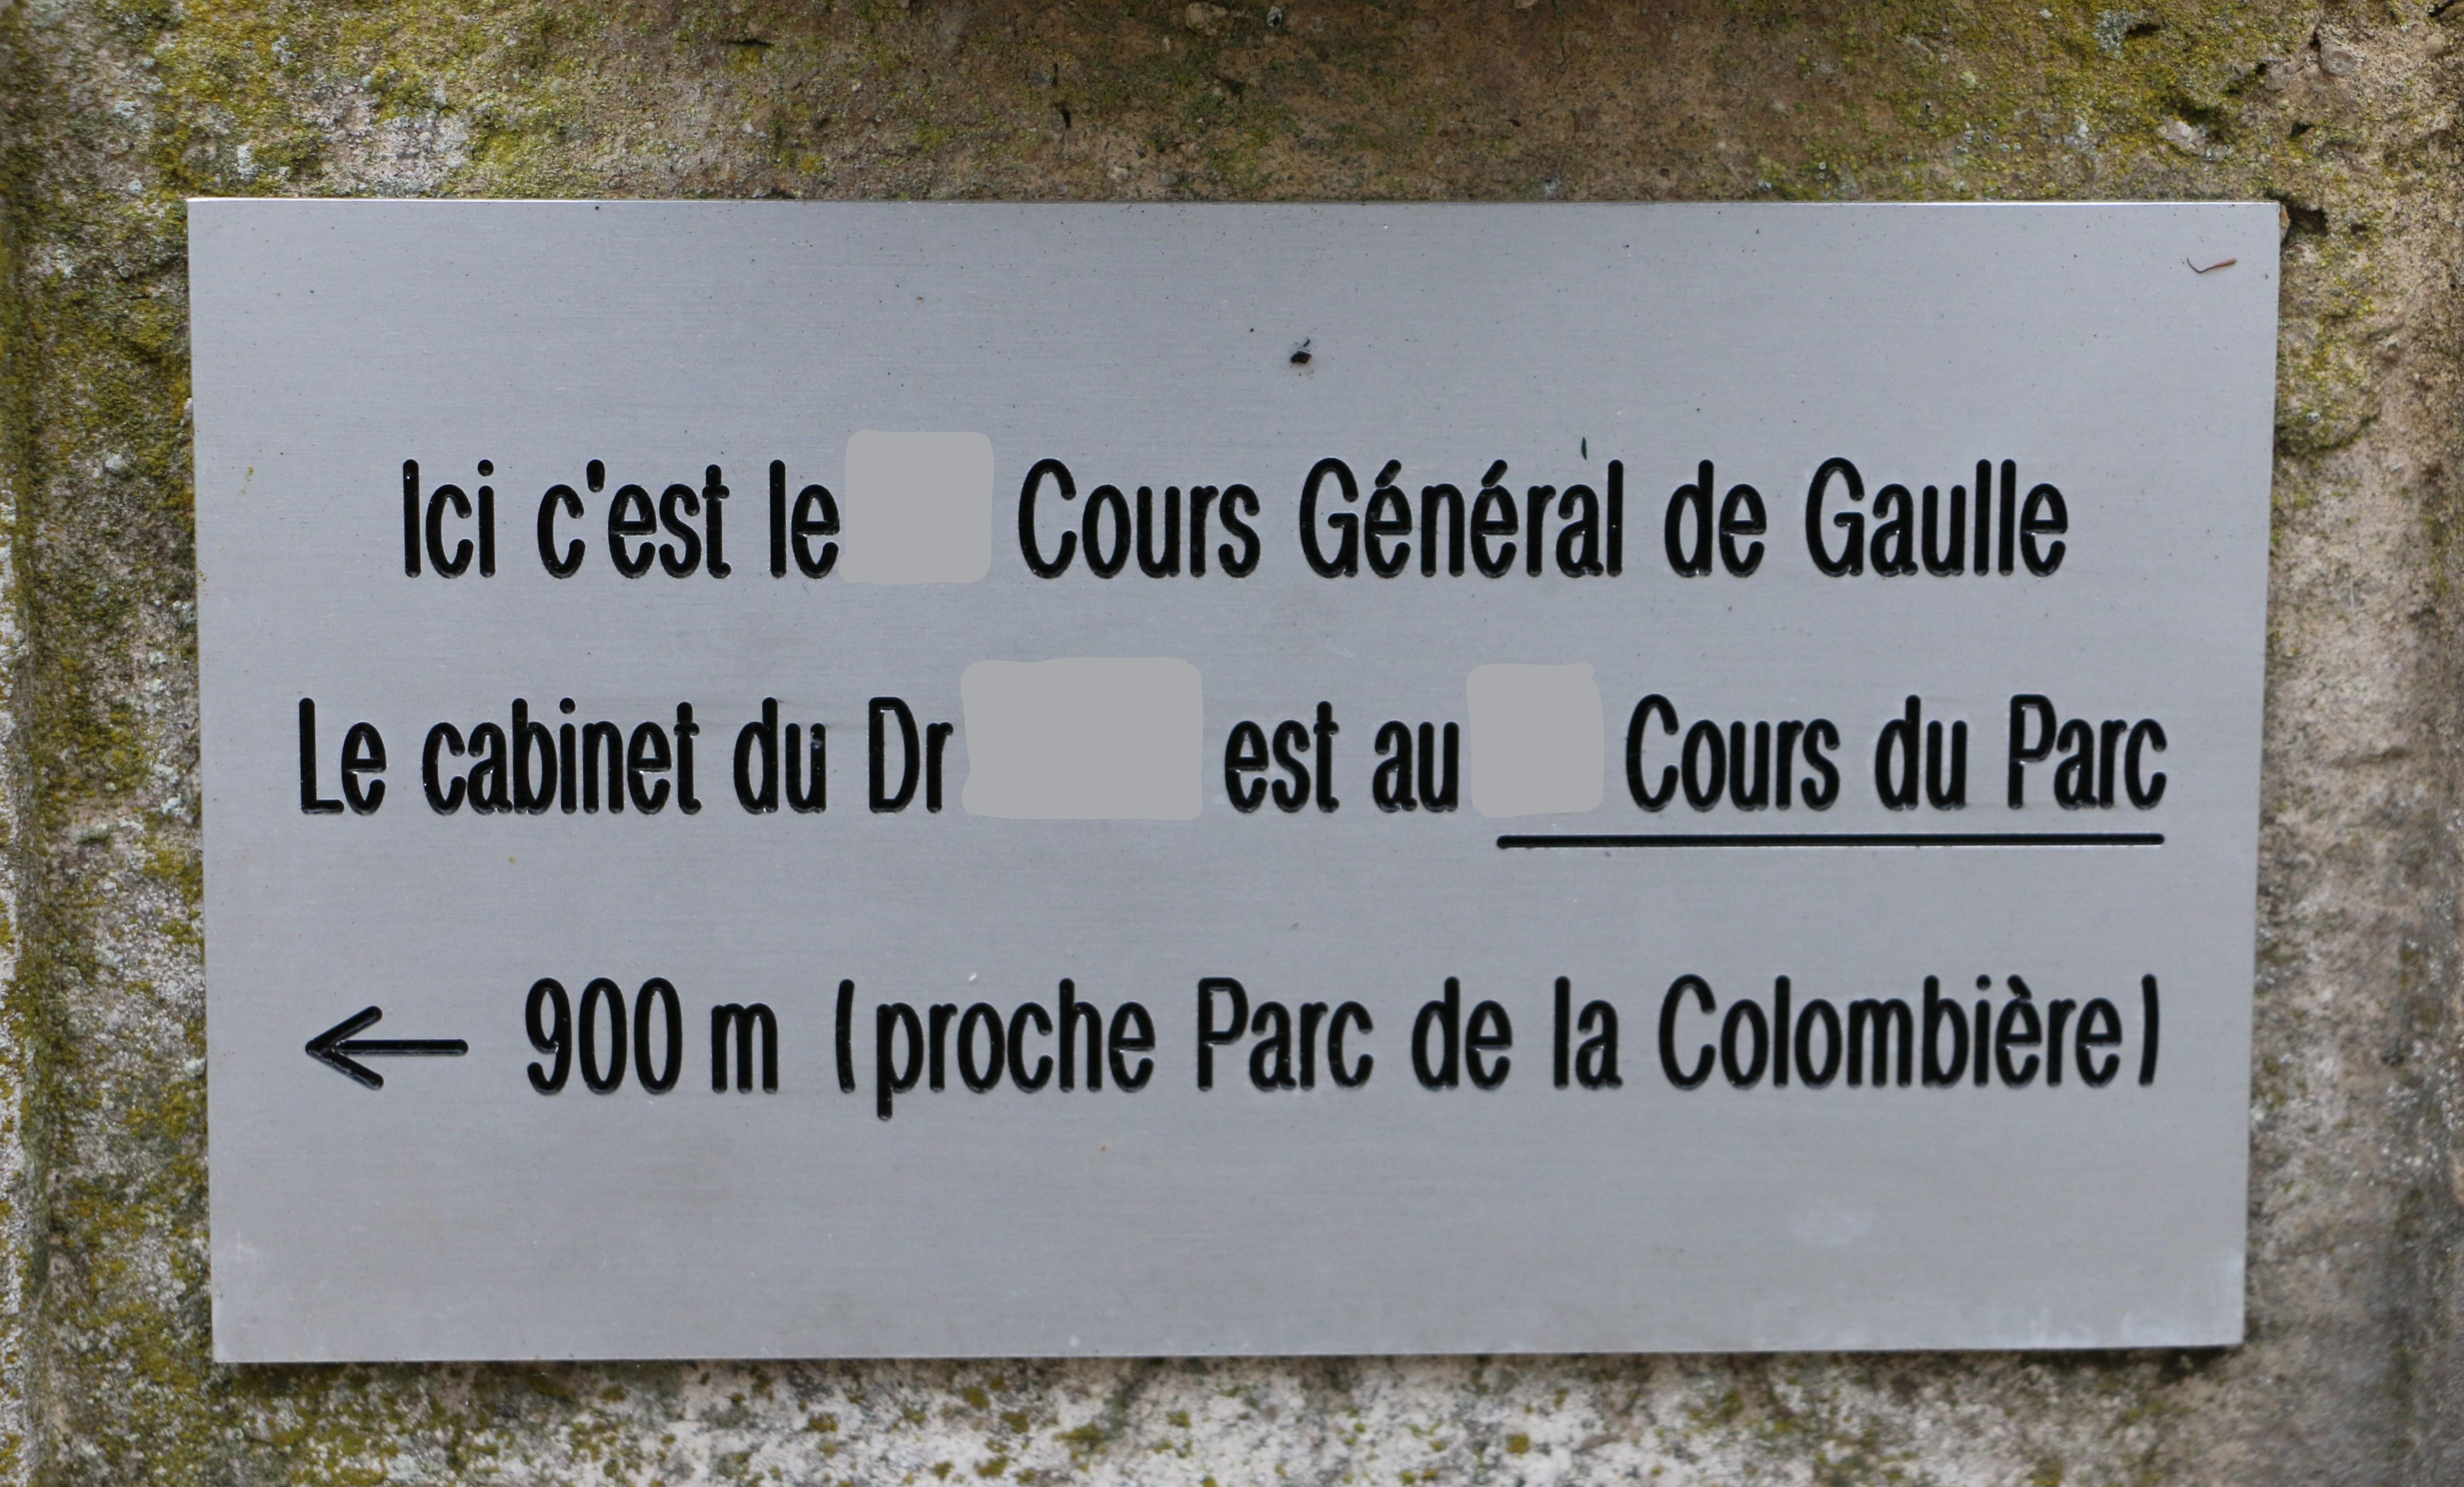 cours-du-parc-et-g-de-gaulle-5